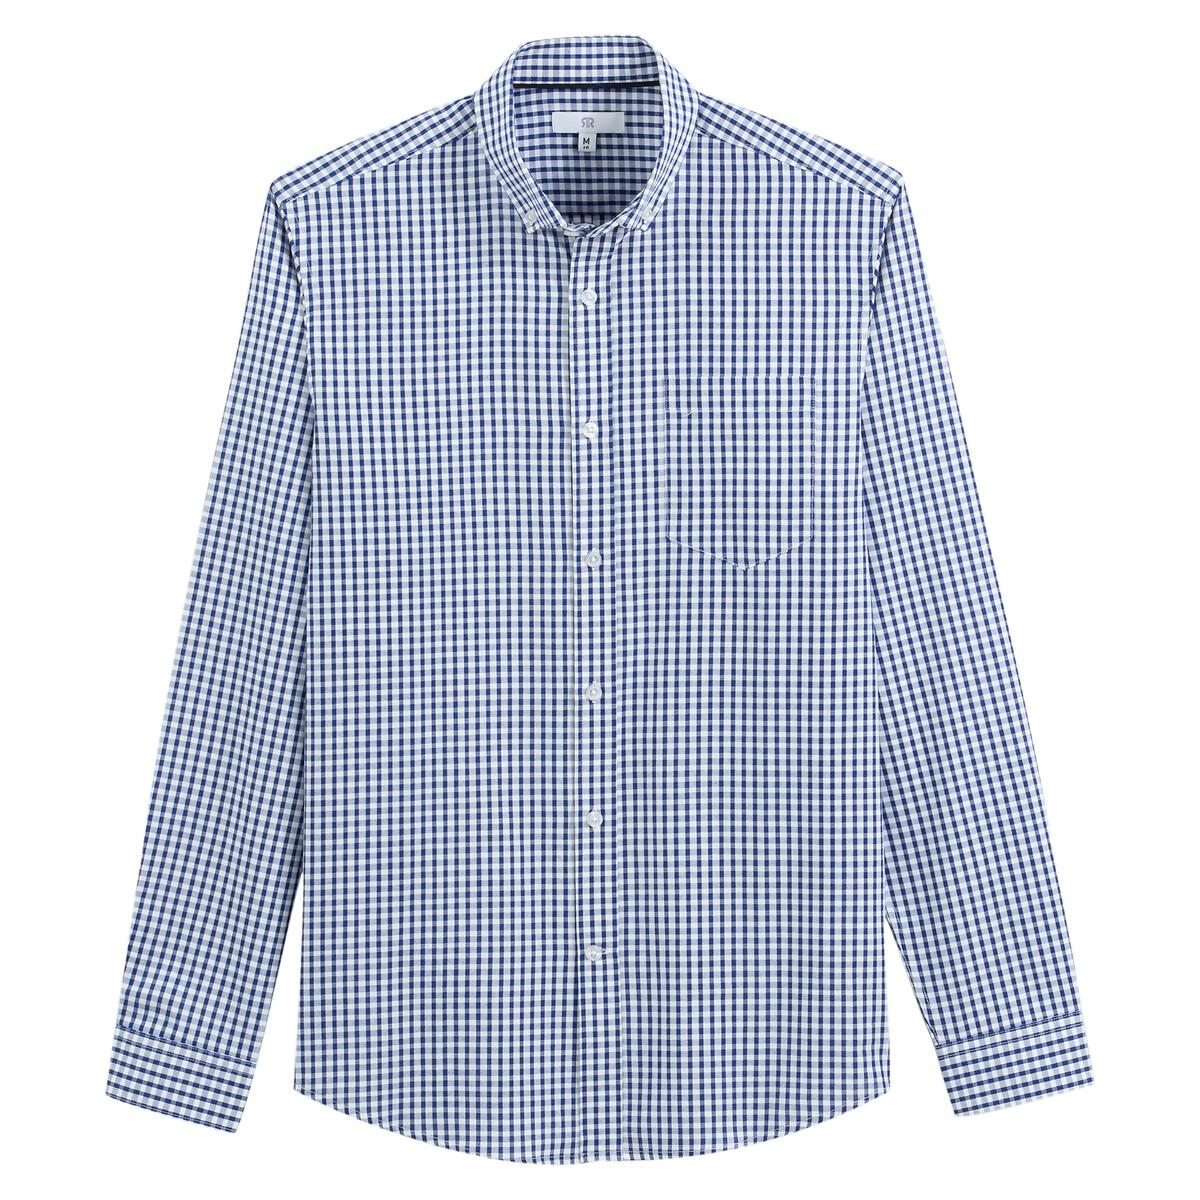 Camisa recta de manga larga con estampado vichy